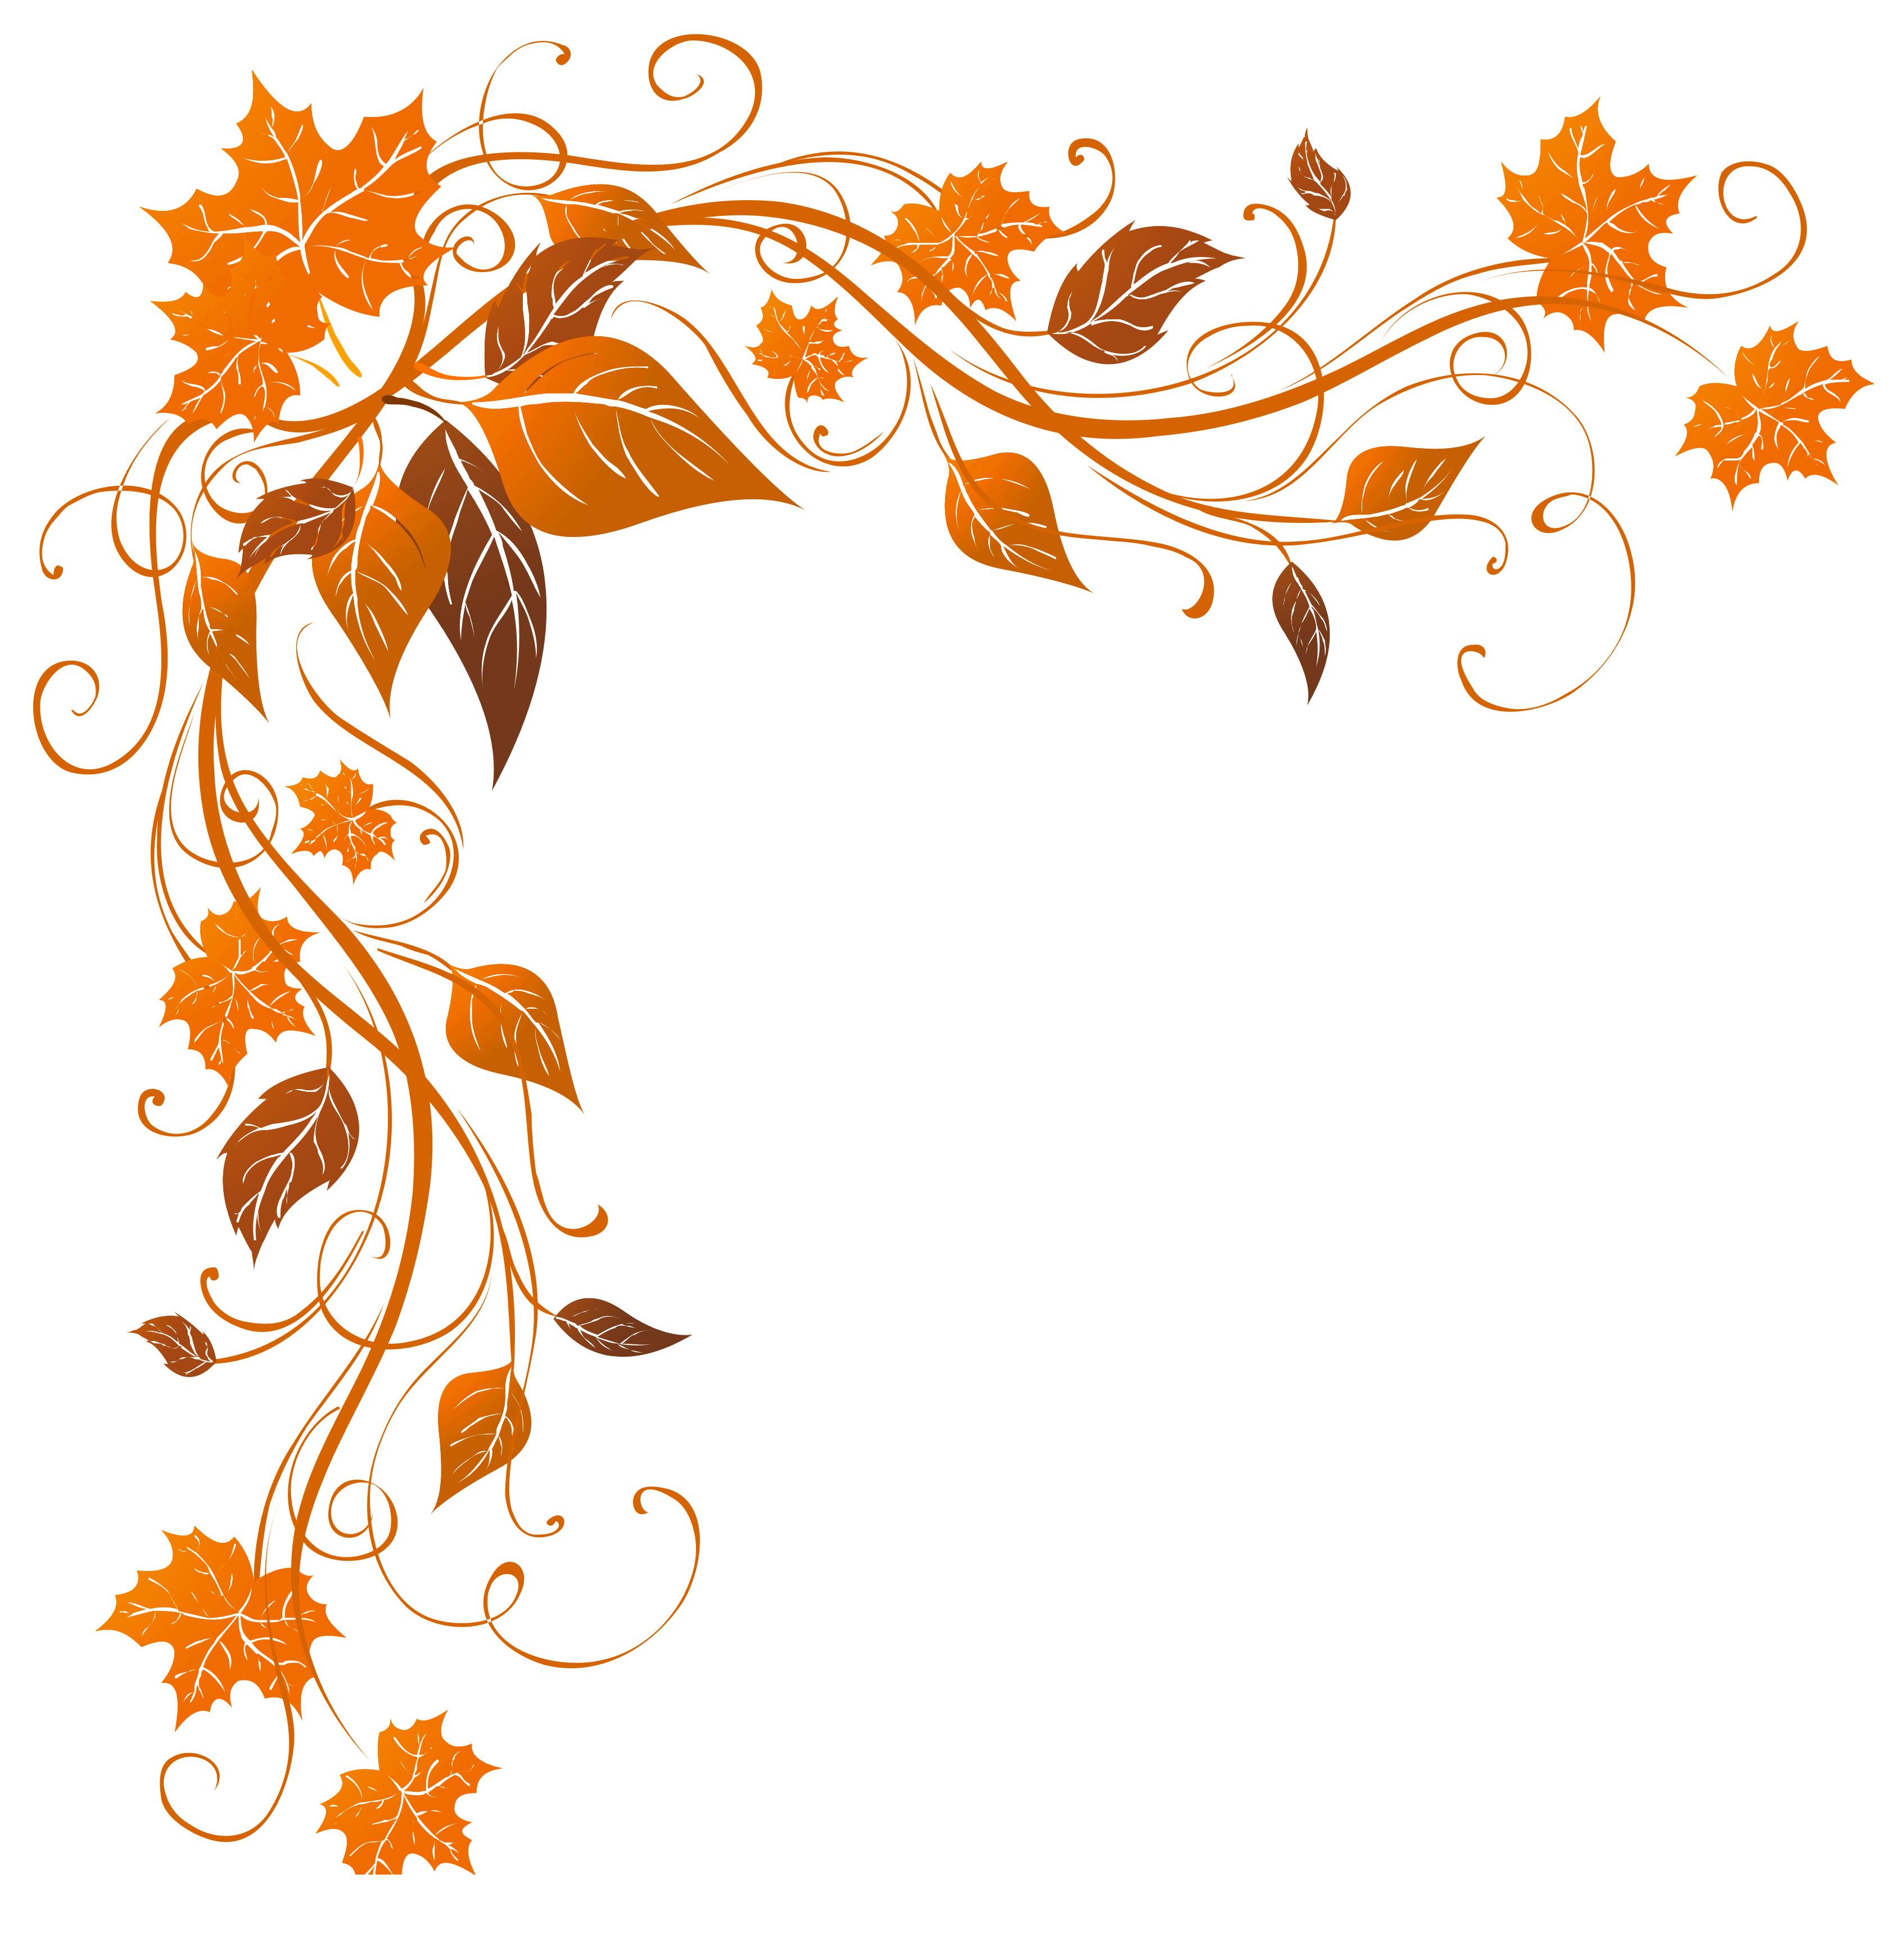 Transparent decoration png image. Autumn clipart corner